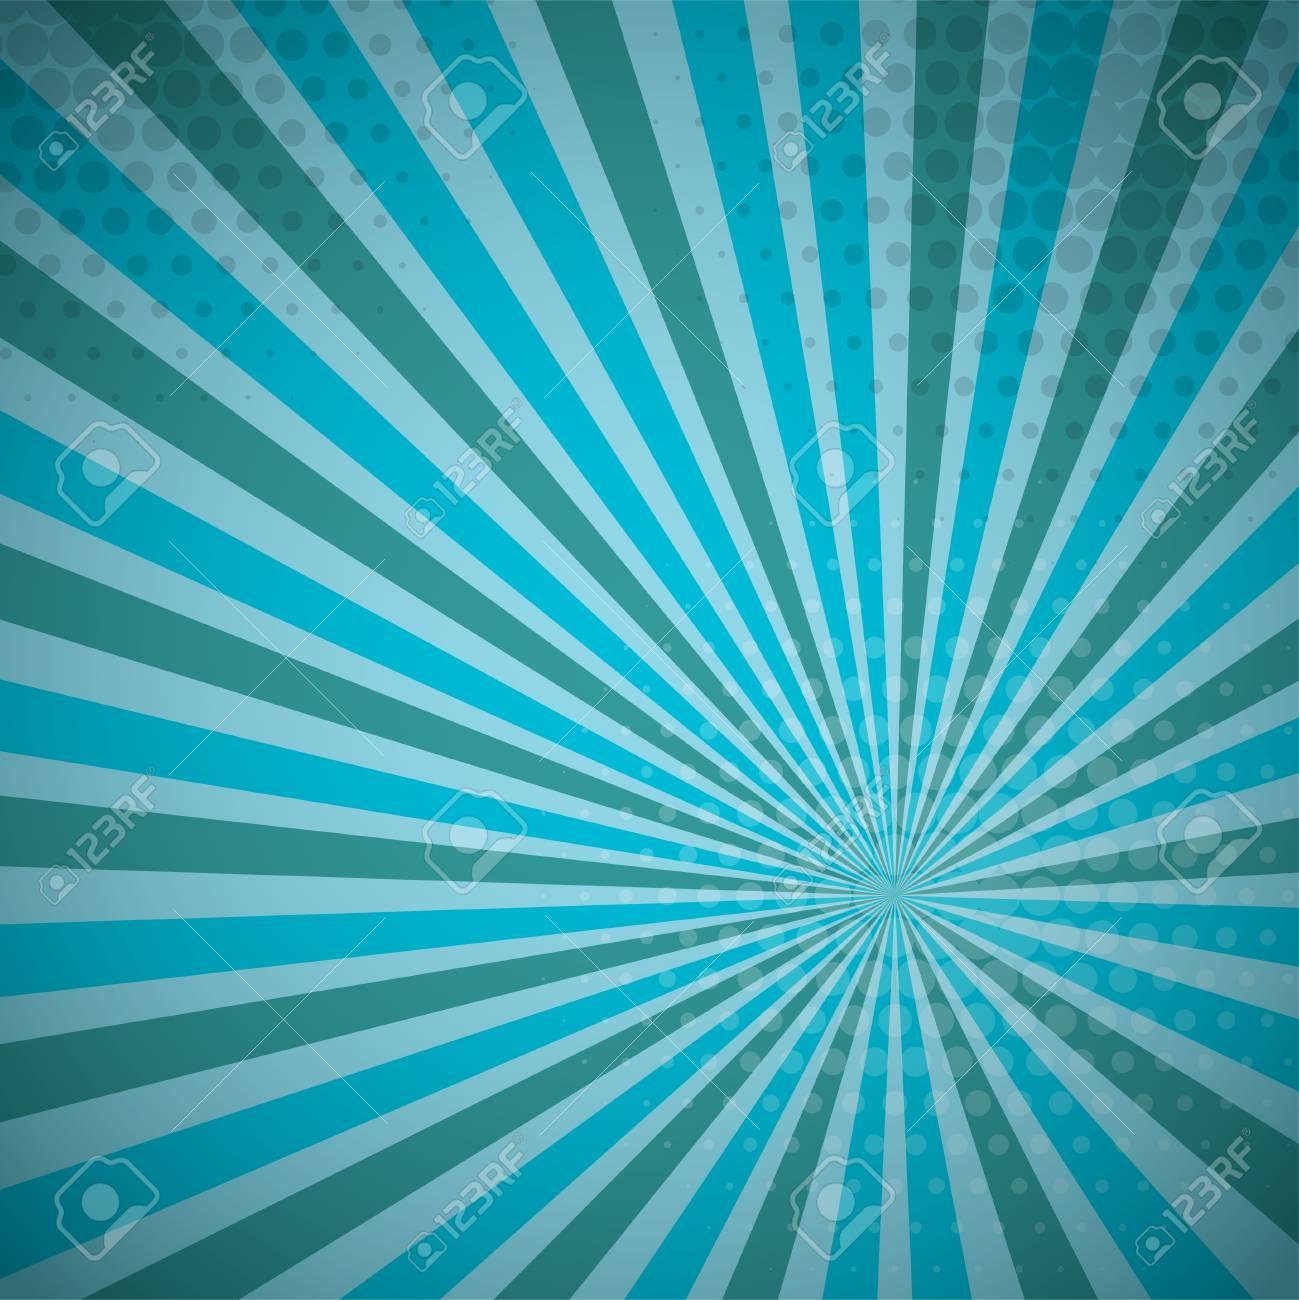 a62b096ab32a Aguamarina color azul turquesa Pop-Art estilo libro de cómics azul,  Lichtenstein popart. Luz del sol del contexto de la historieta del arte  pop, ...